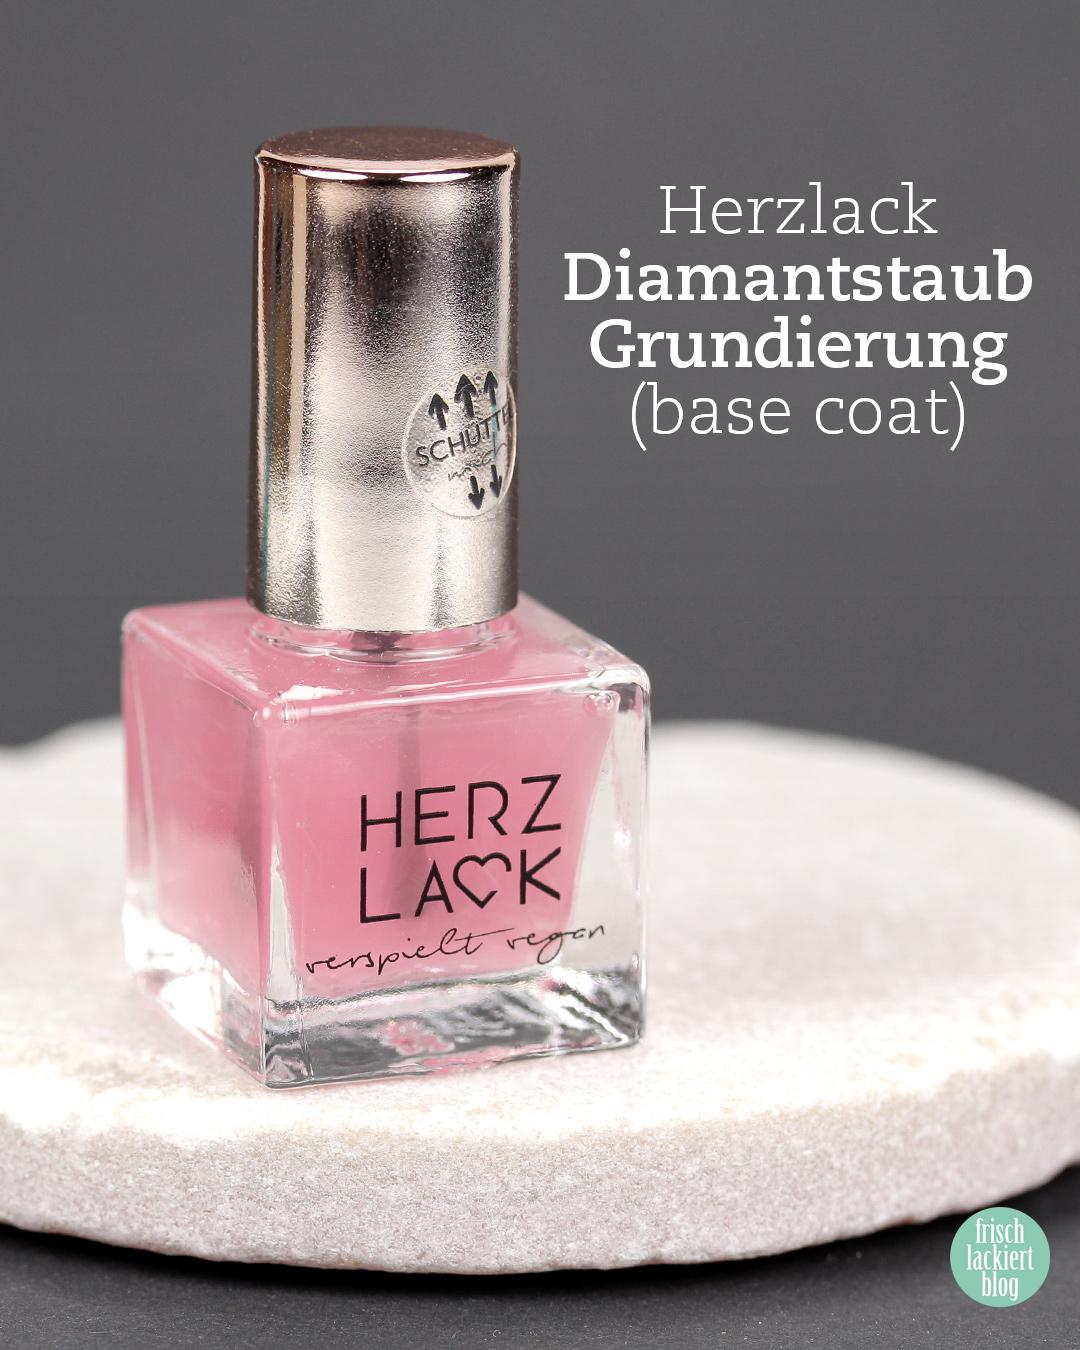 Review und Unboxing Herzlack Nagellack Adventskalender 2020 – Erfahrung und Test – by frischlackiert